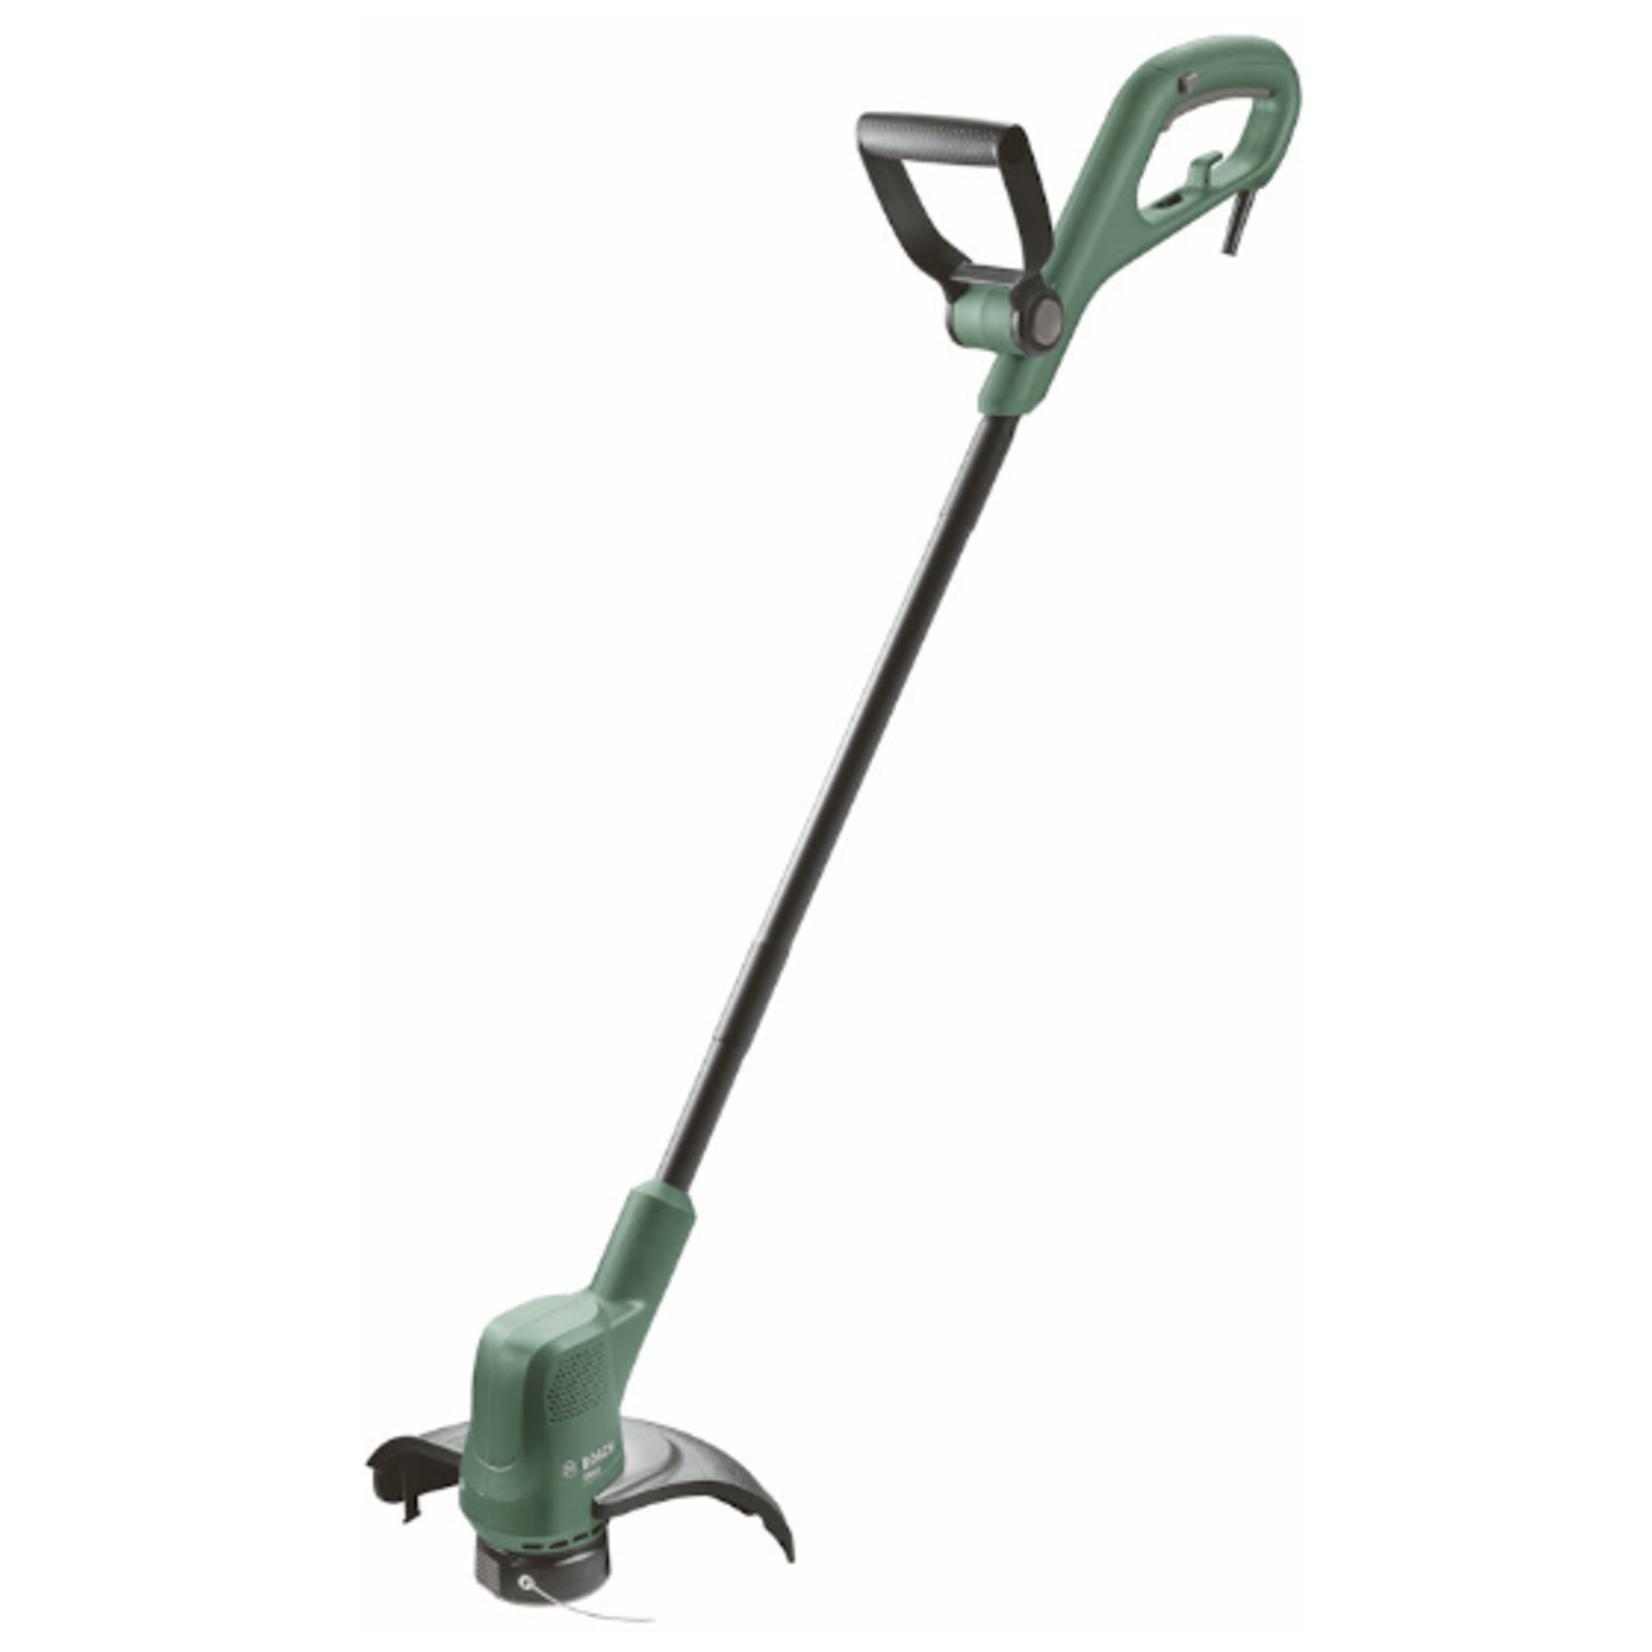 Bosch BOSCH EASYGRASSCUT 23 Corded Grass Trimmer